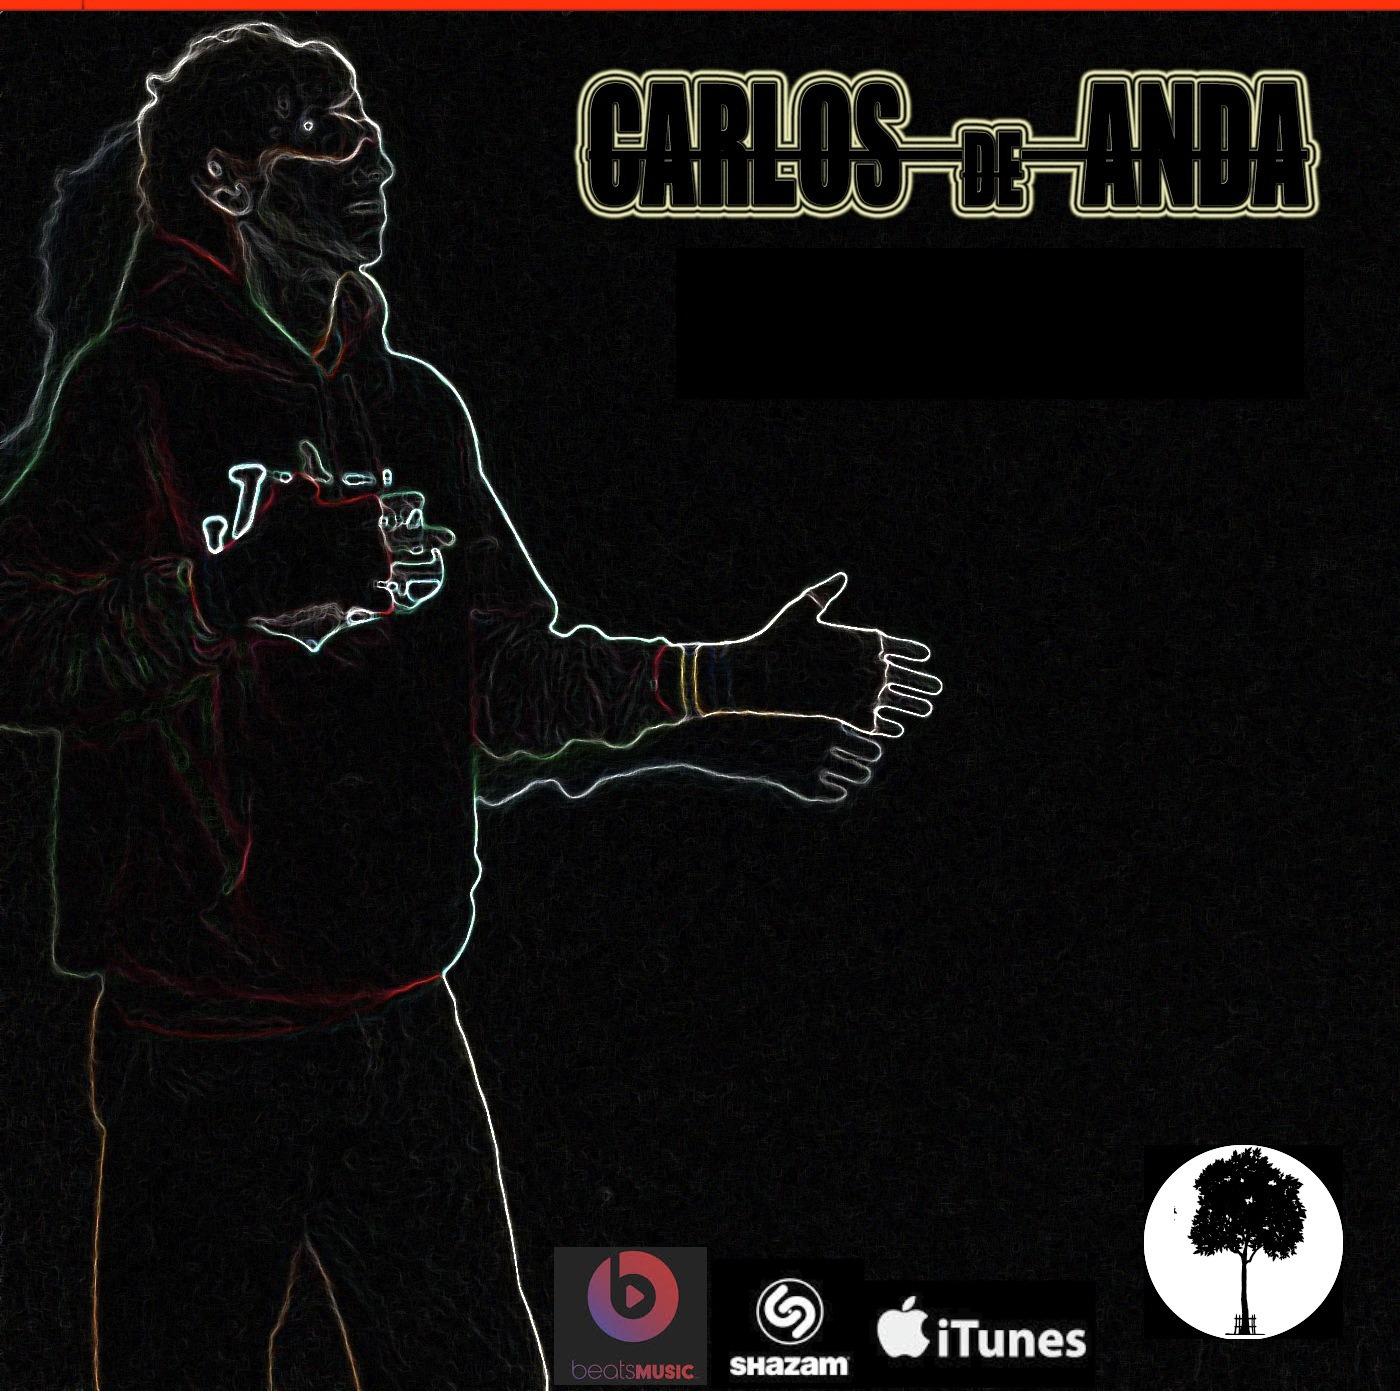 Carlos De Anda Mix